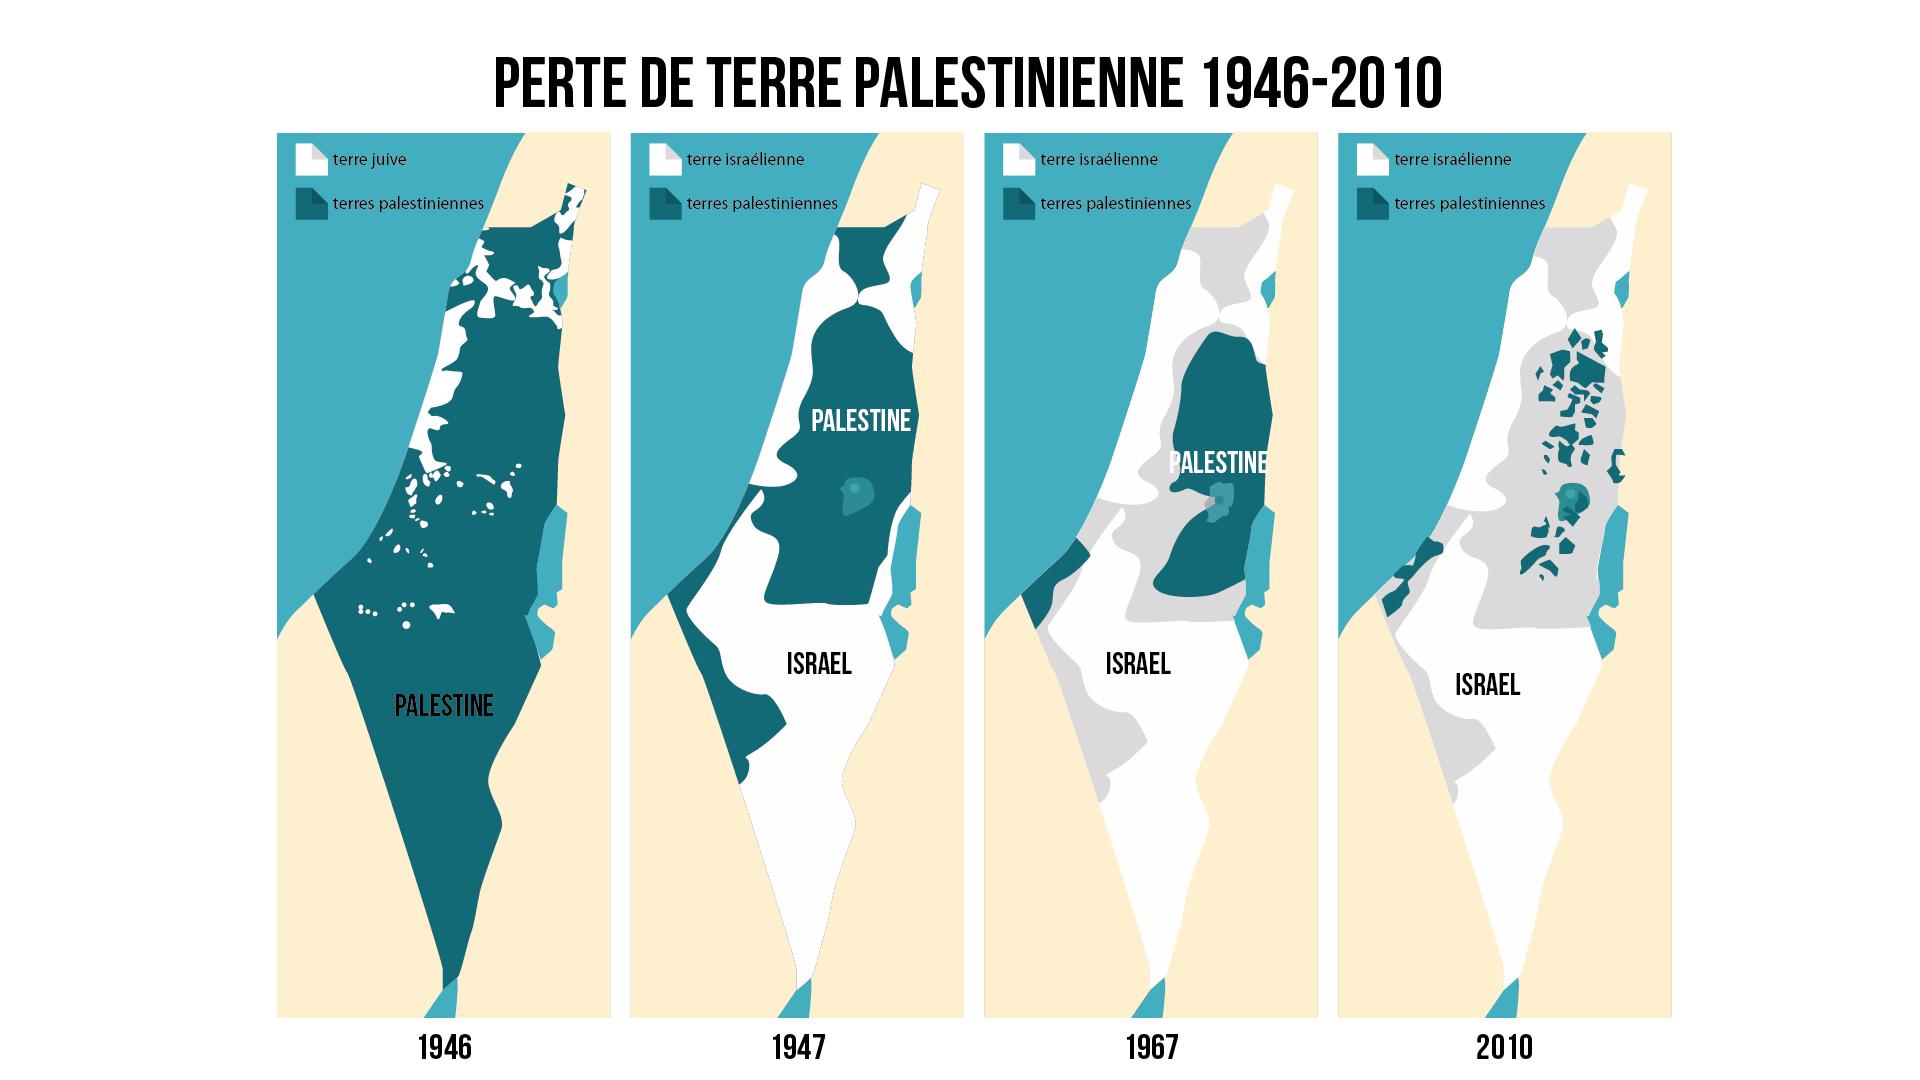 histoire-terminale-le-conflit-israelo-palestinien-de-1947-a-nos-jours-img5.png